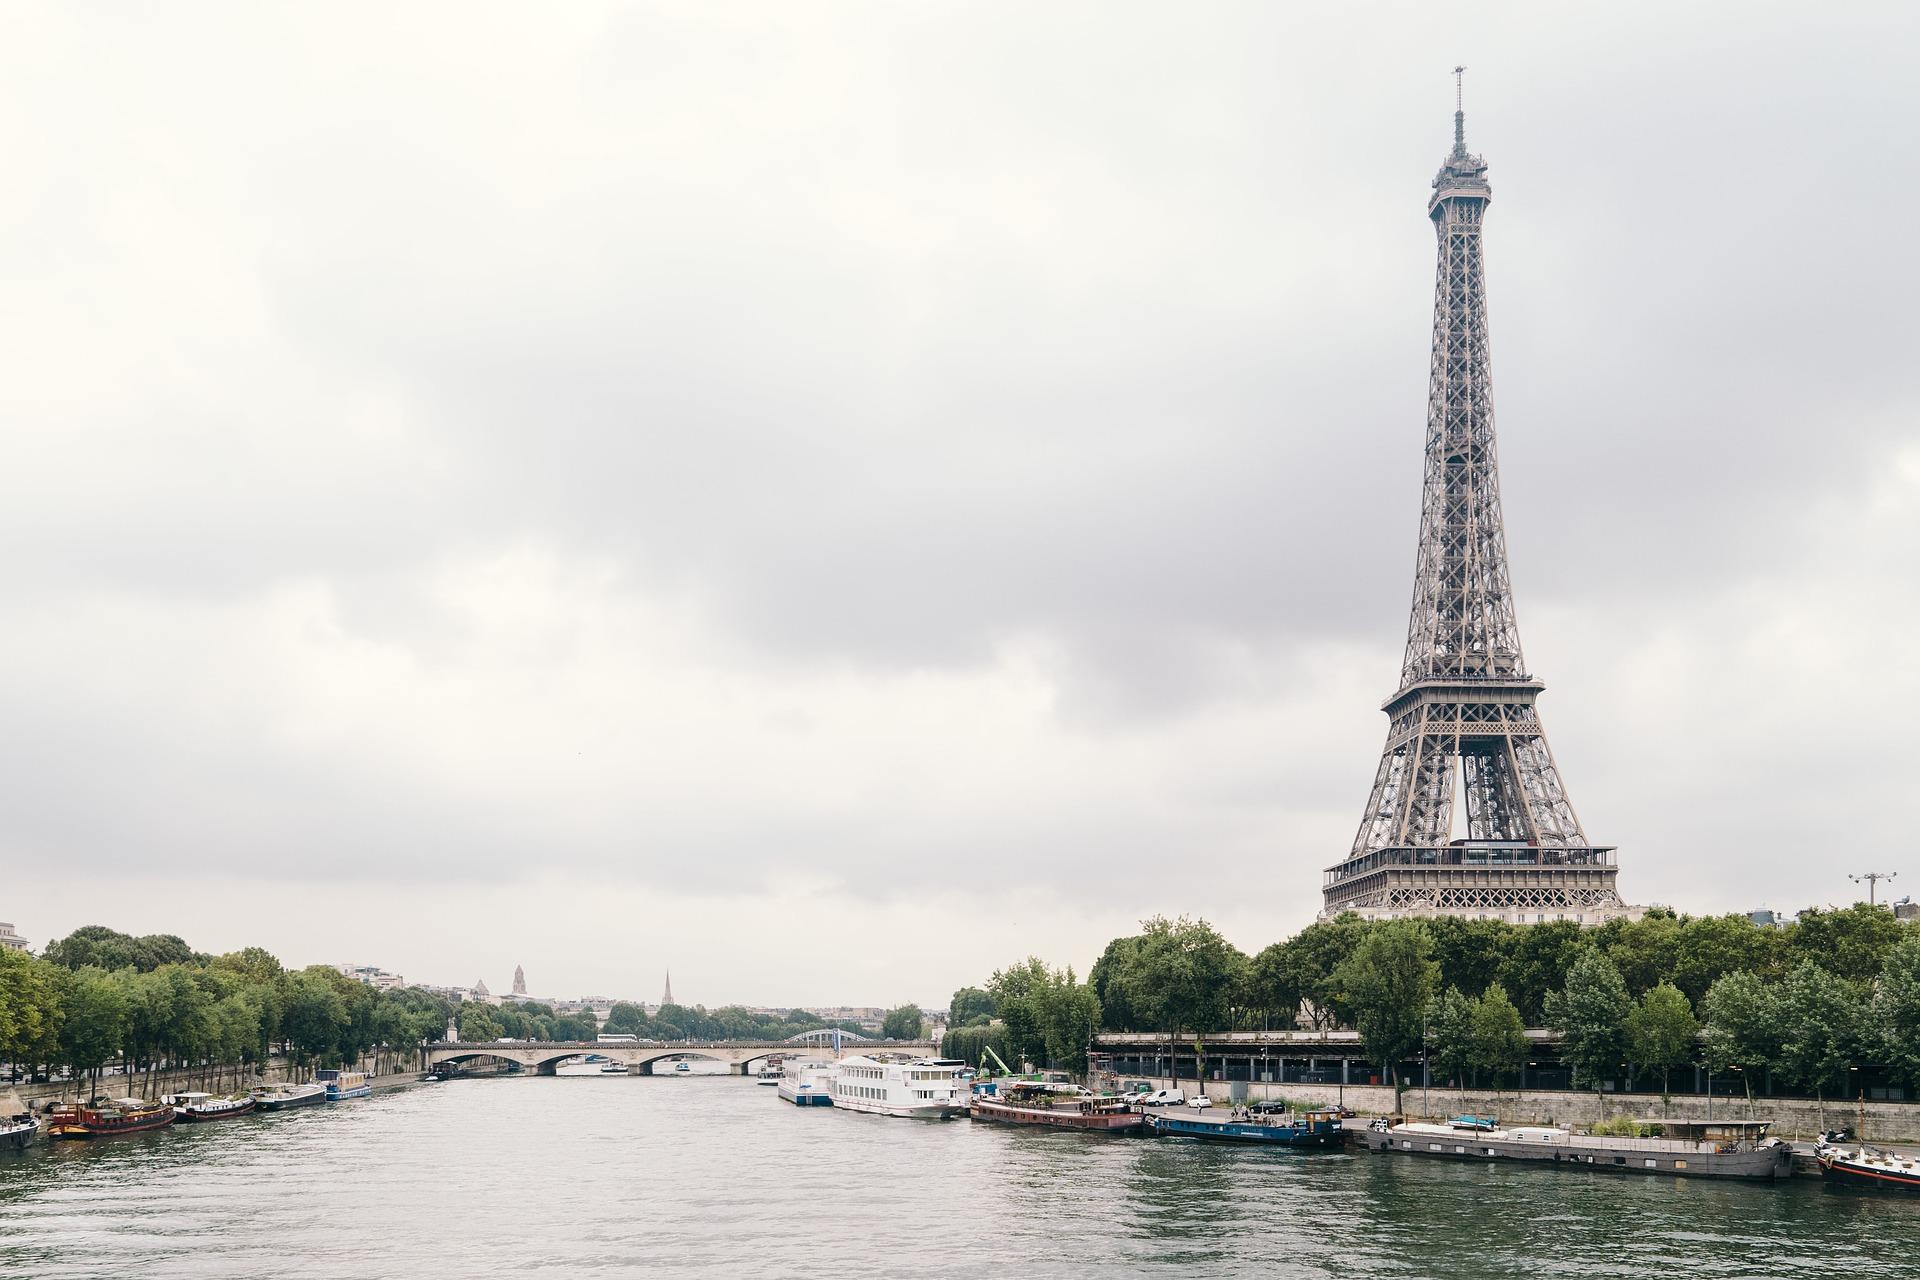 Seine River and Eiffel Tower in Paris